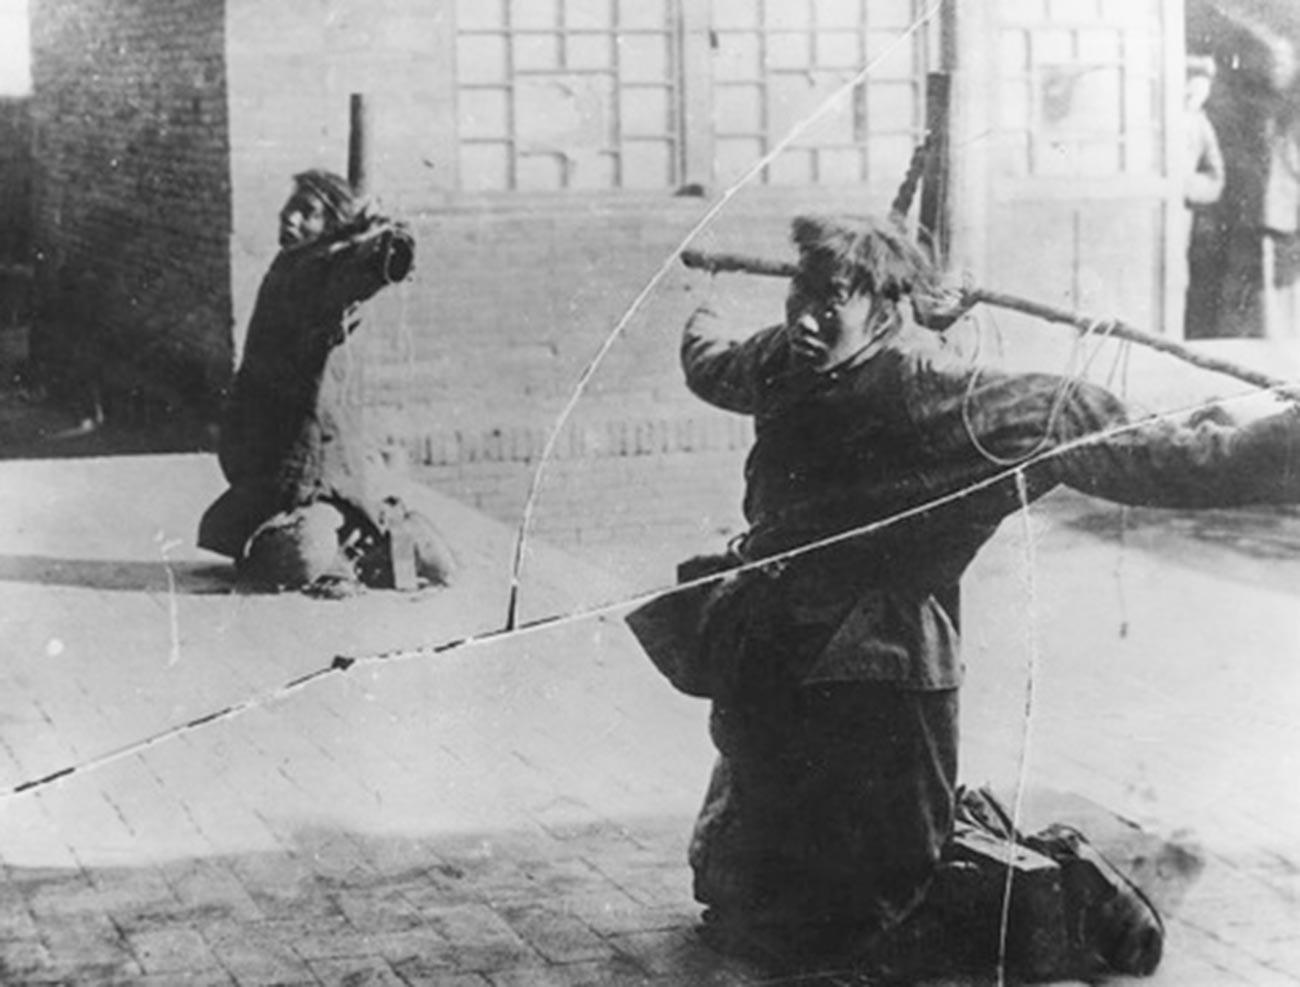 Кинези кажњавају осуђене на смрт хунхузе.